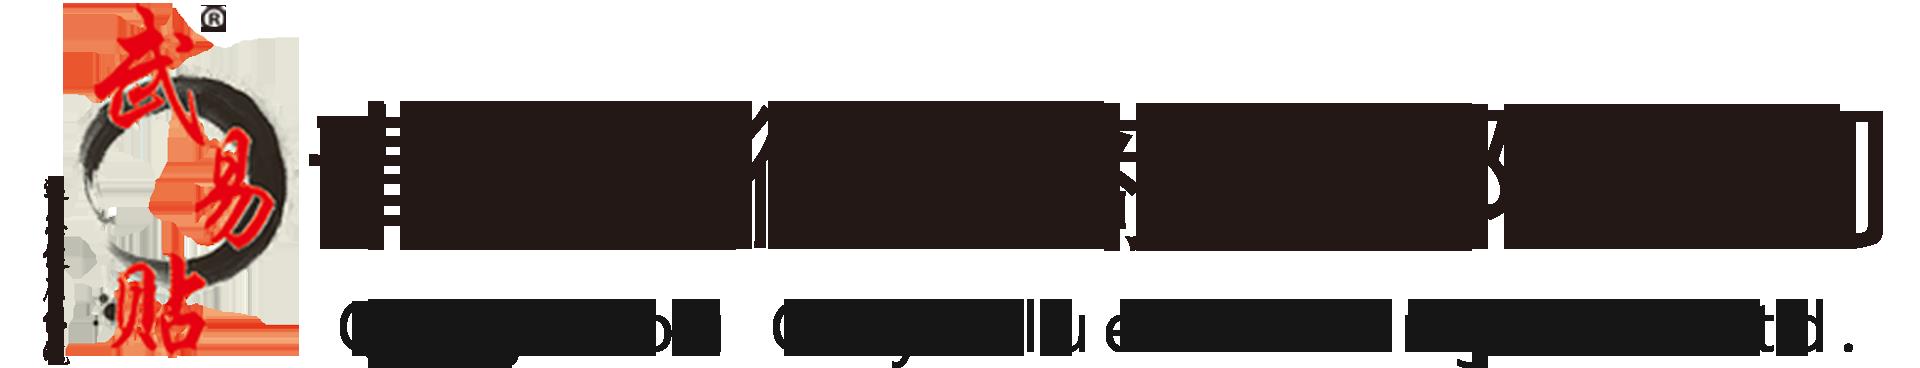 青州市微蓝商贸有限公司